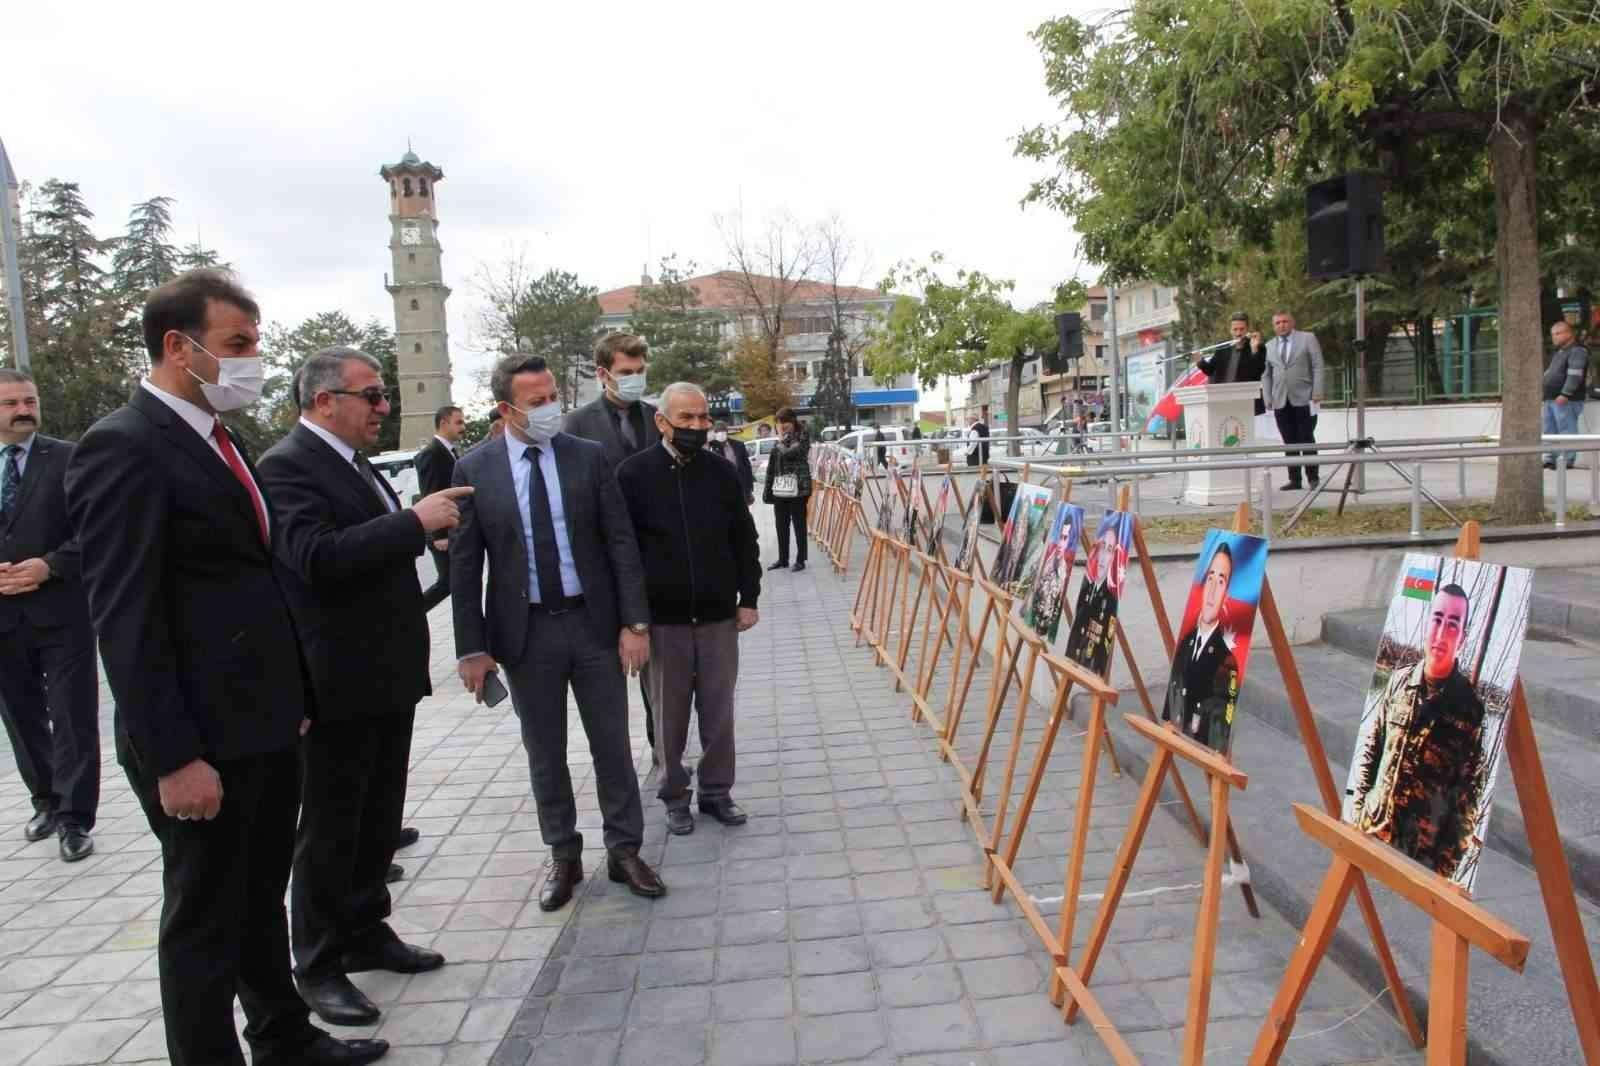 Sungurlu'da Azerbaycanlı şehit askerler sergisi açıldı #corum